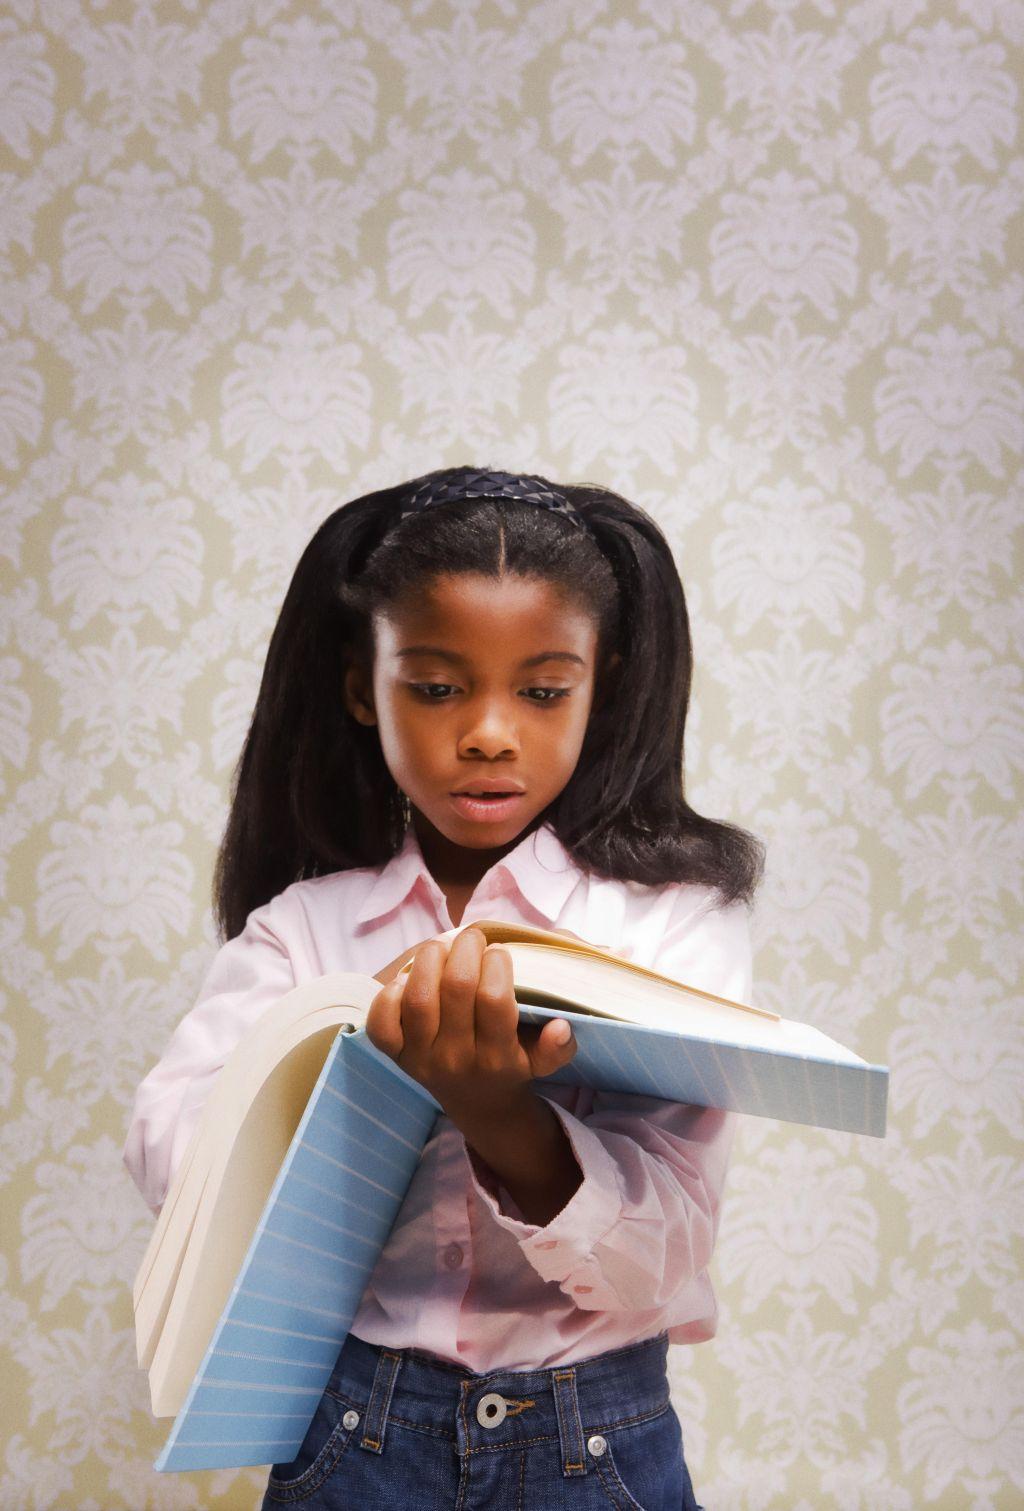 Girl thumbing through book